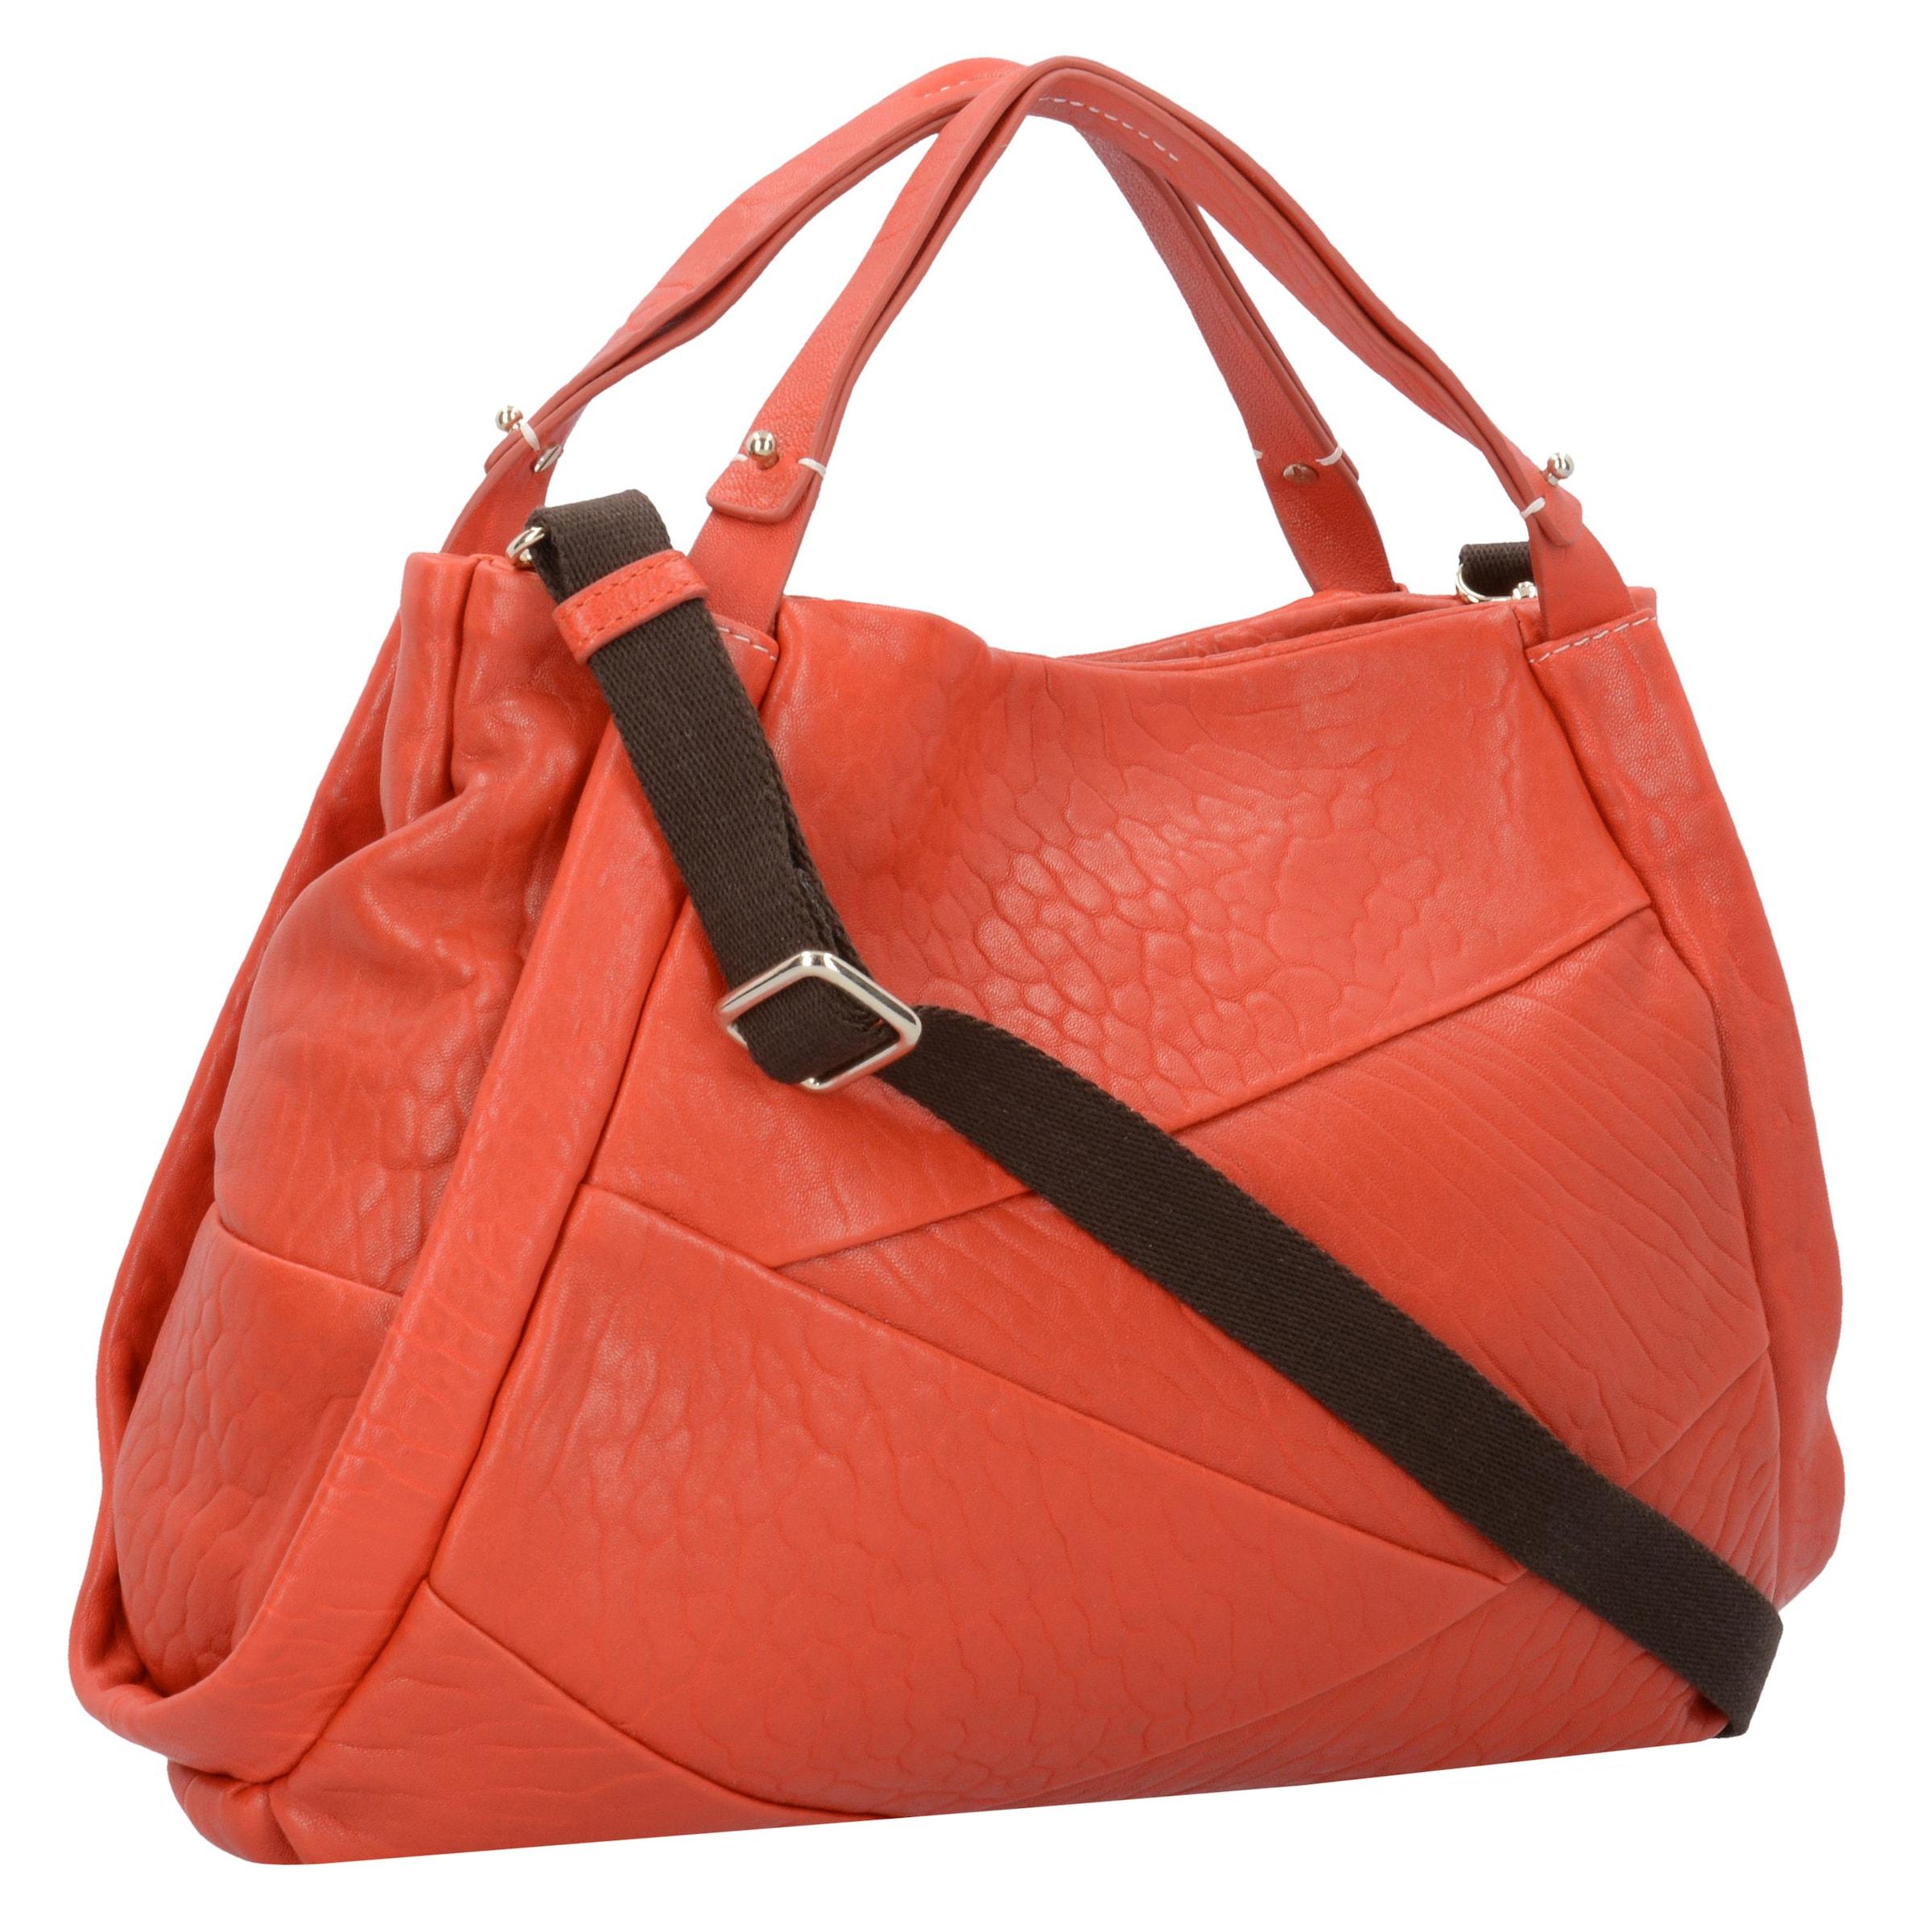 38 CINQUE Peppina Leder cm Peppina 38 CINQUE Handtasche Handtasche Leder wBUx7v